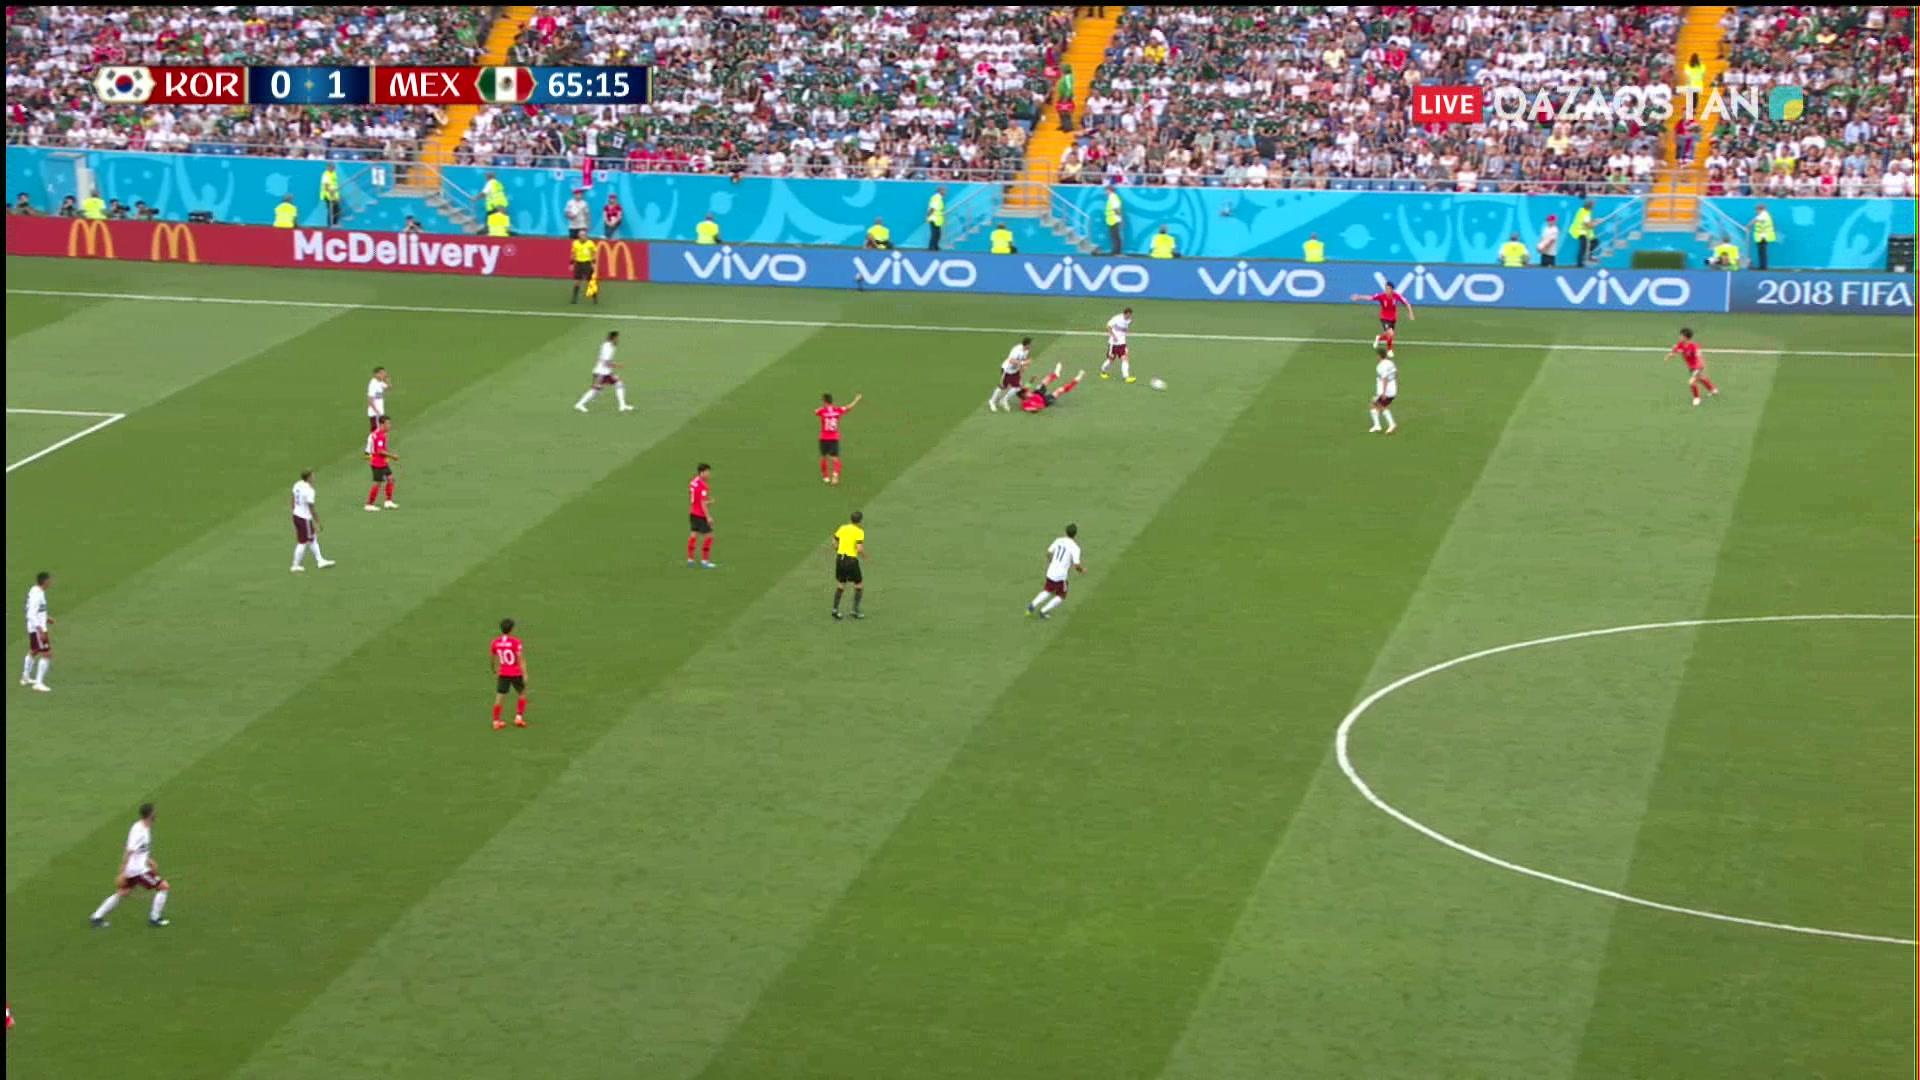 Оңтүстік Корея – Мексика  0 – 2 . Чичаритоның голы Мексика құрамасының басымдығын үстемдей түсті